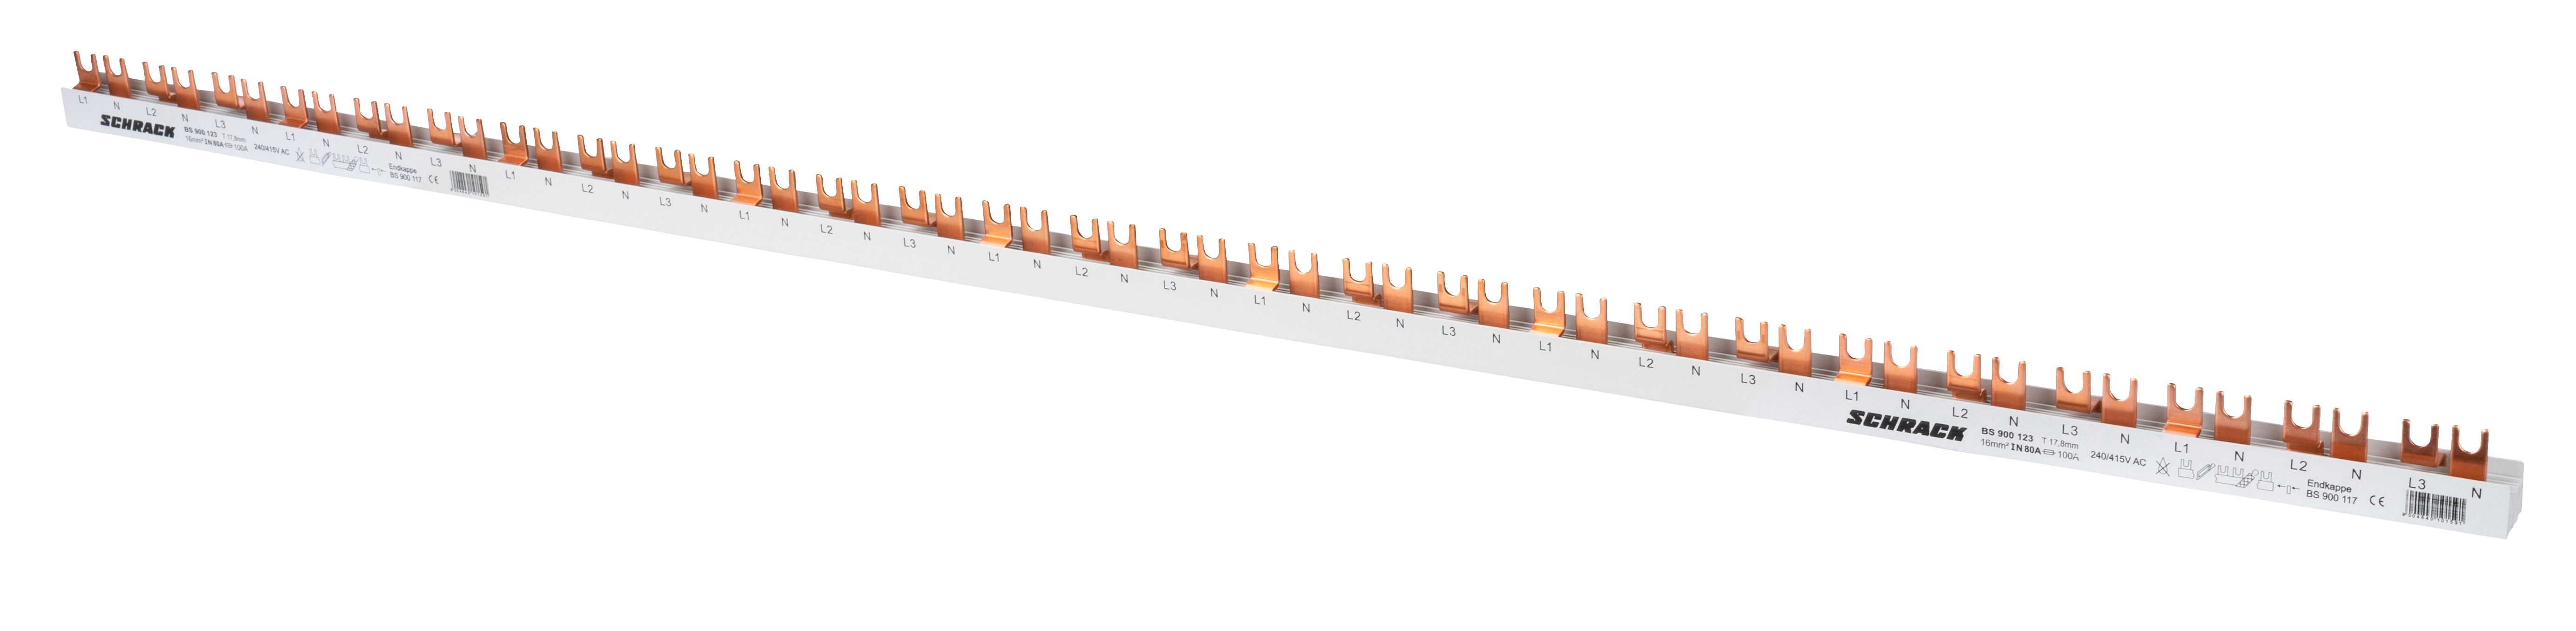 1 Stk Kompaktversch. 4-polig, 1/N/2/N/3/N, 16mm², Gabelausf. 1m BS900123--